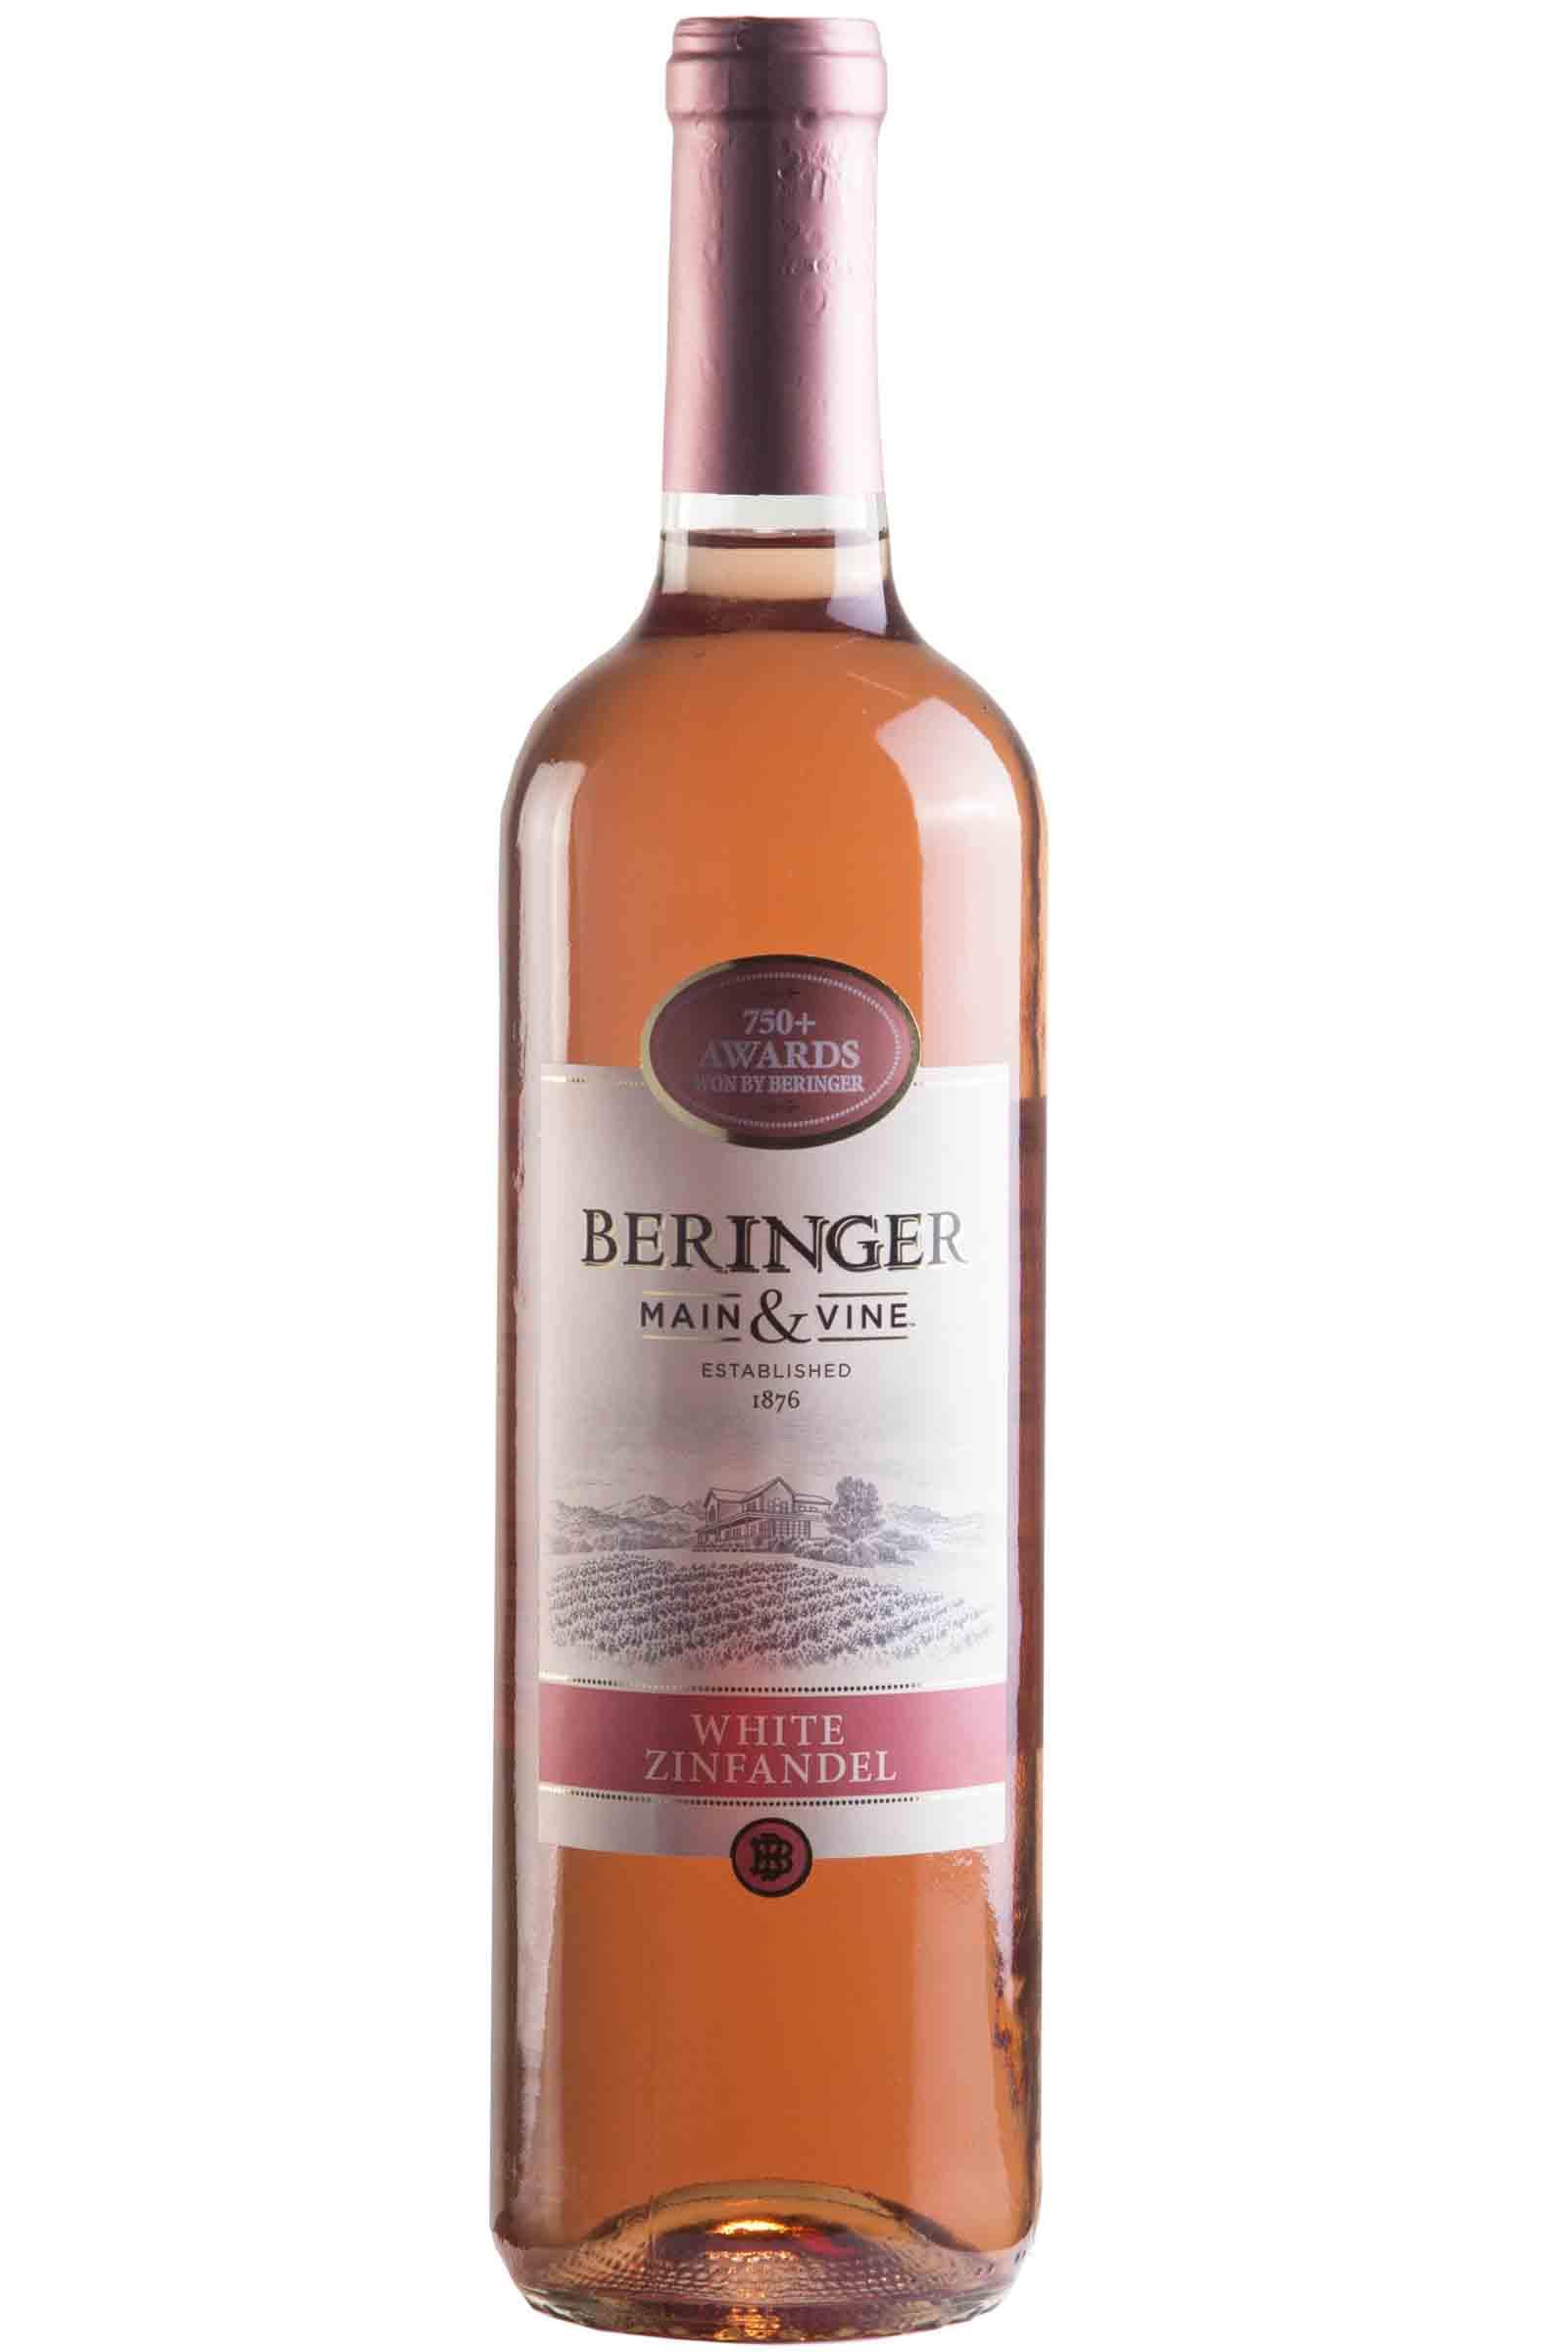 Vino Beringer Main & Wine White Zinfandel 750ml